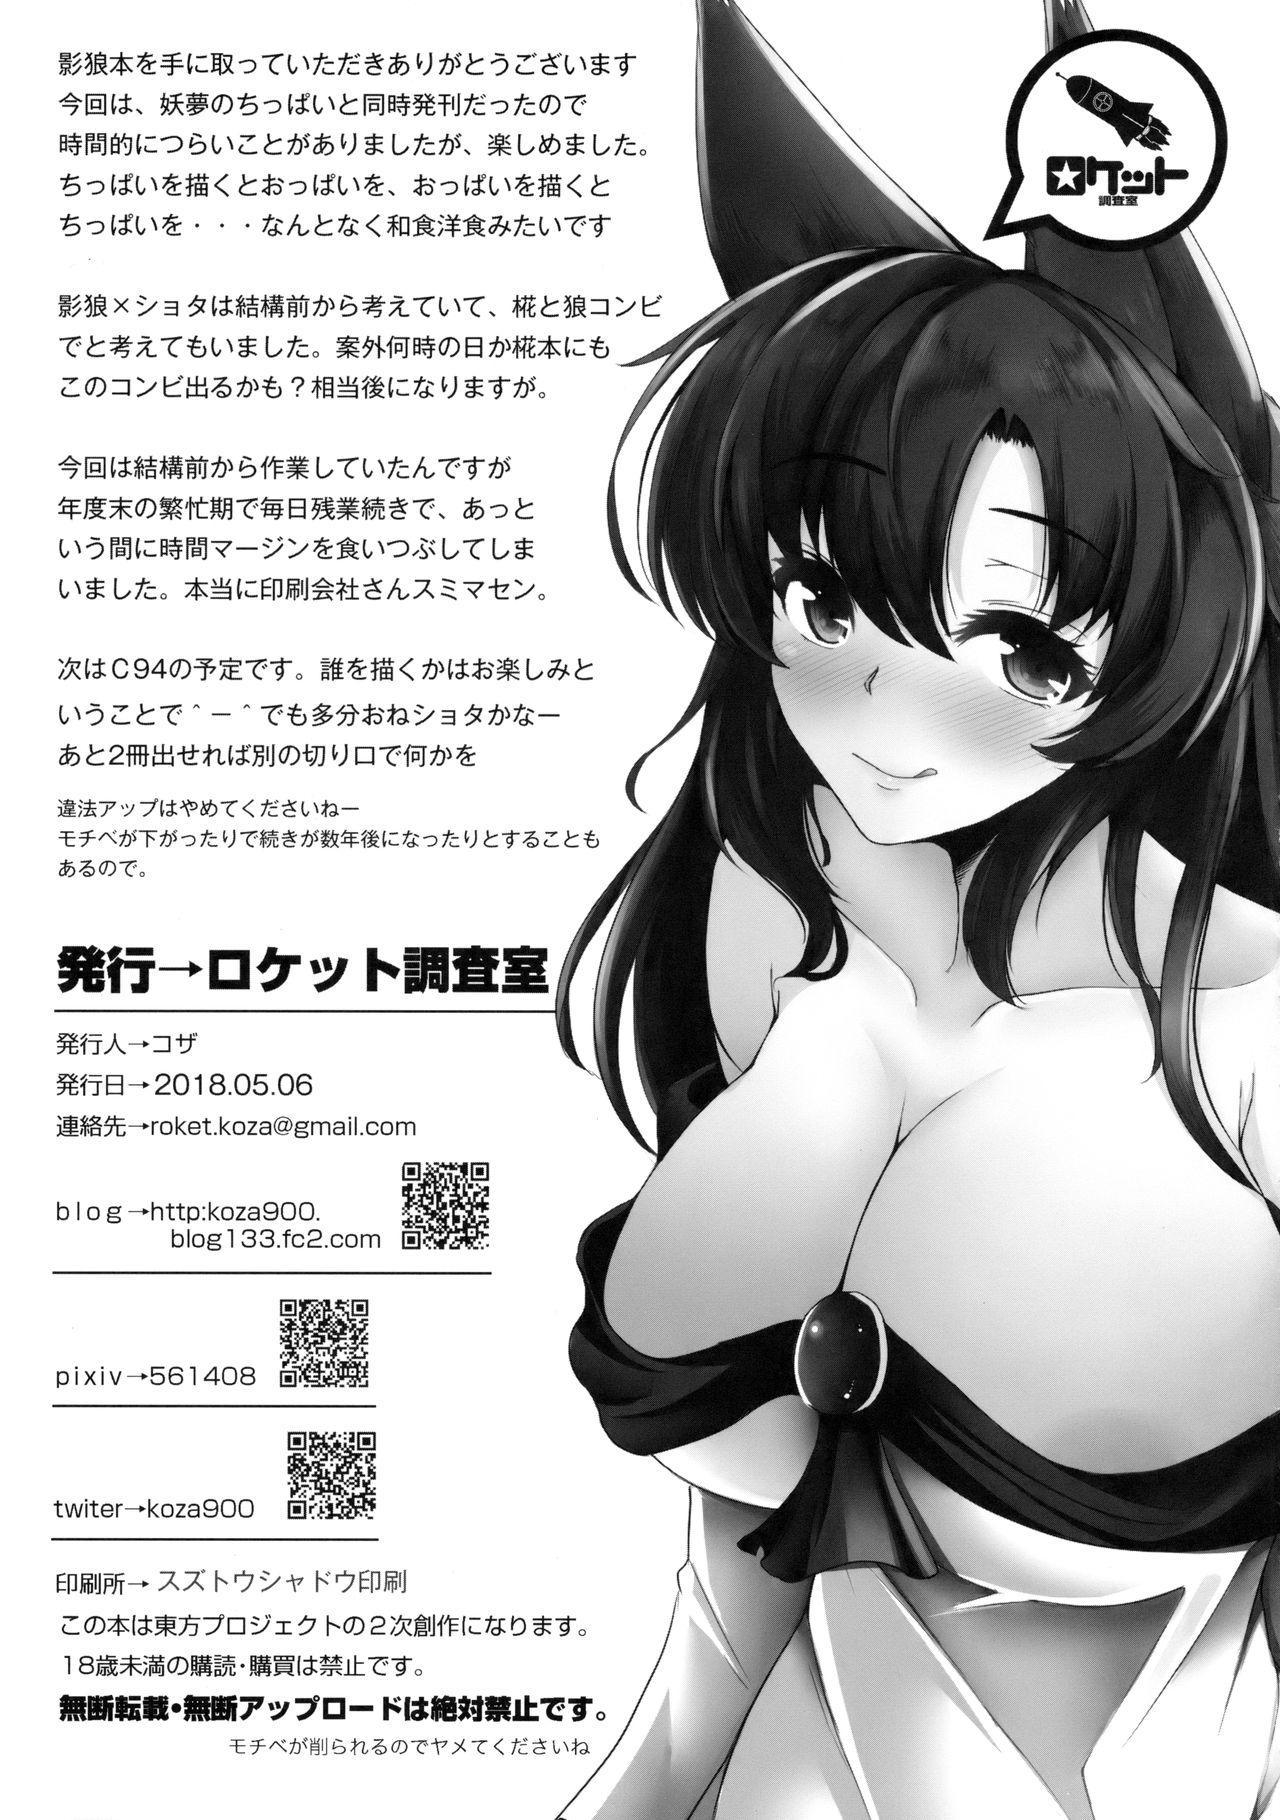 (Reitaisai 15) [Rocket Chousashitsu (Koza)] Shota-kun Daisuki Kagerou Onee-chan   Shota Lover Kagerou-oneechan [English] [Food Court] 23